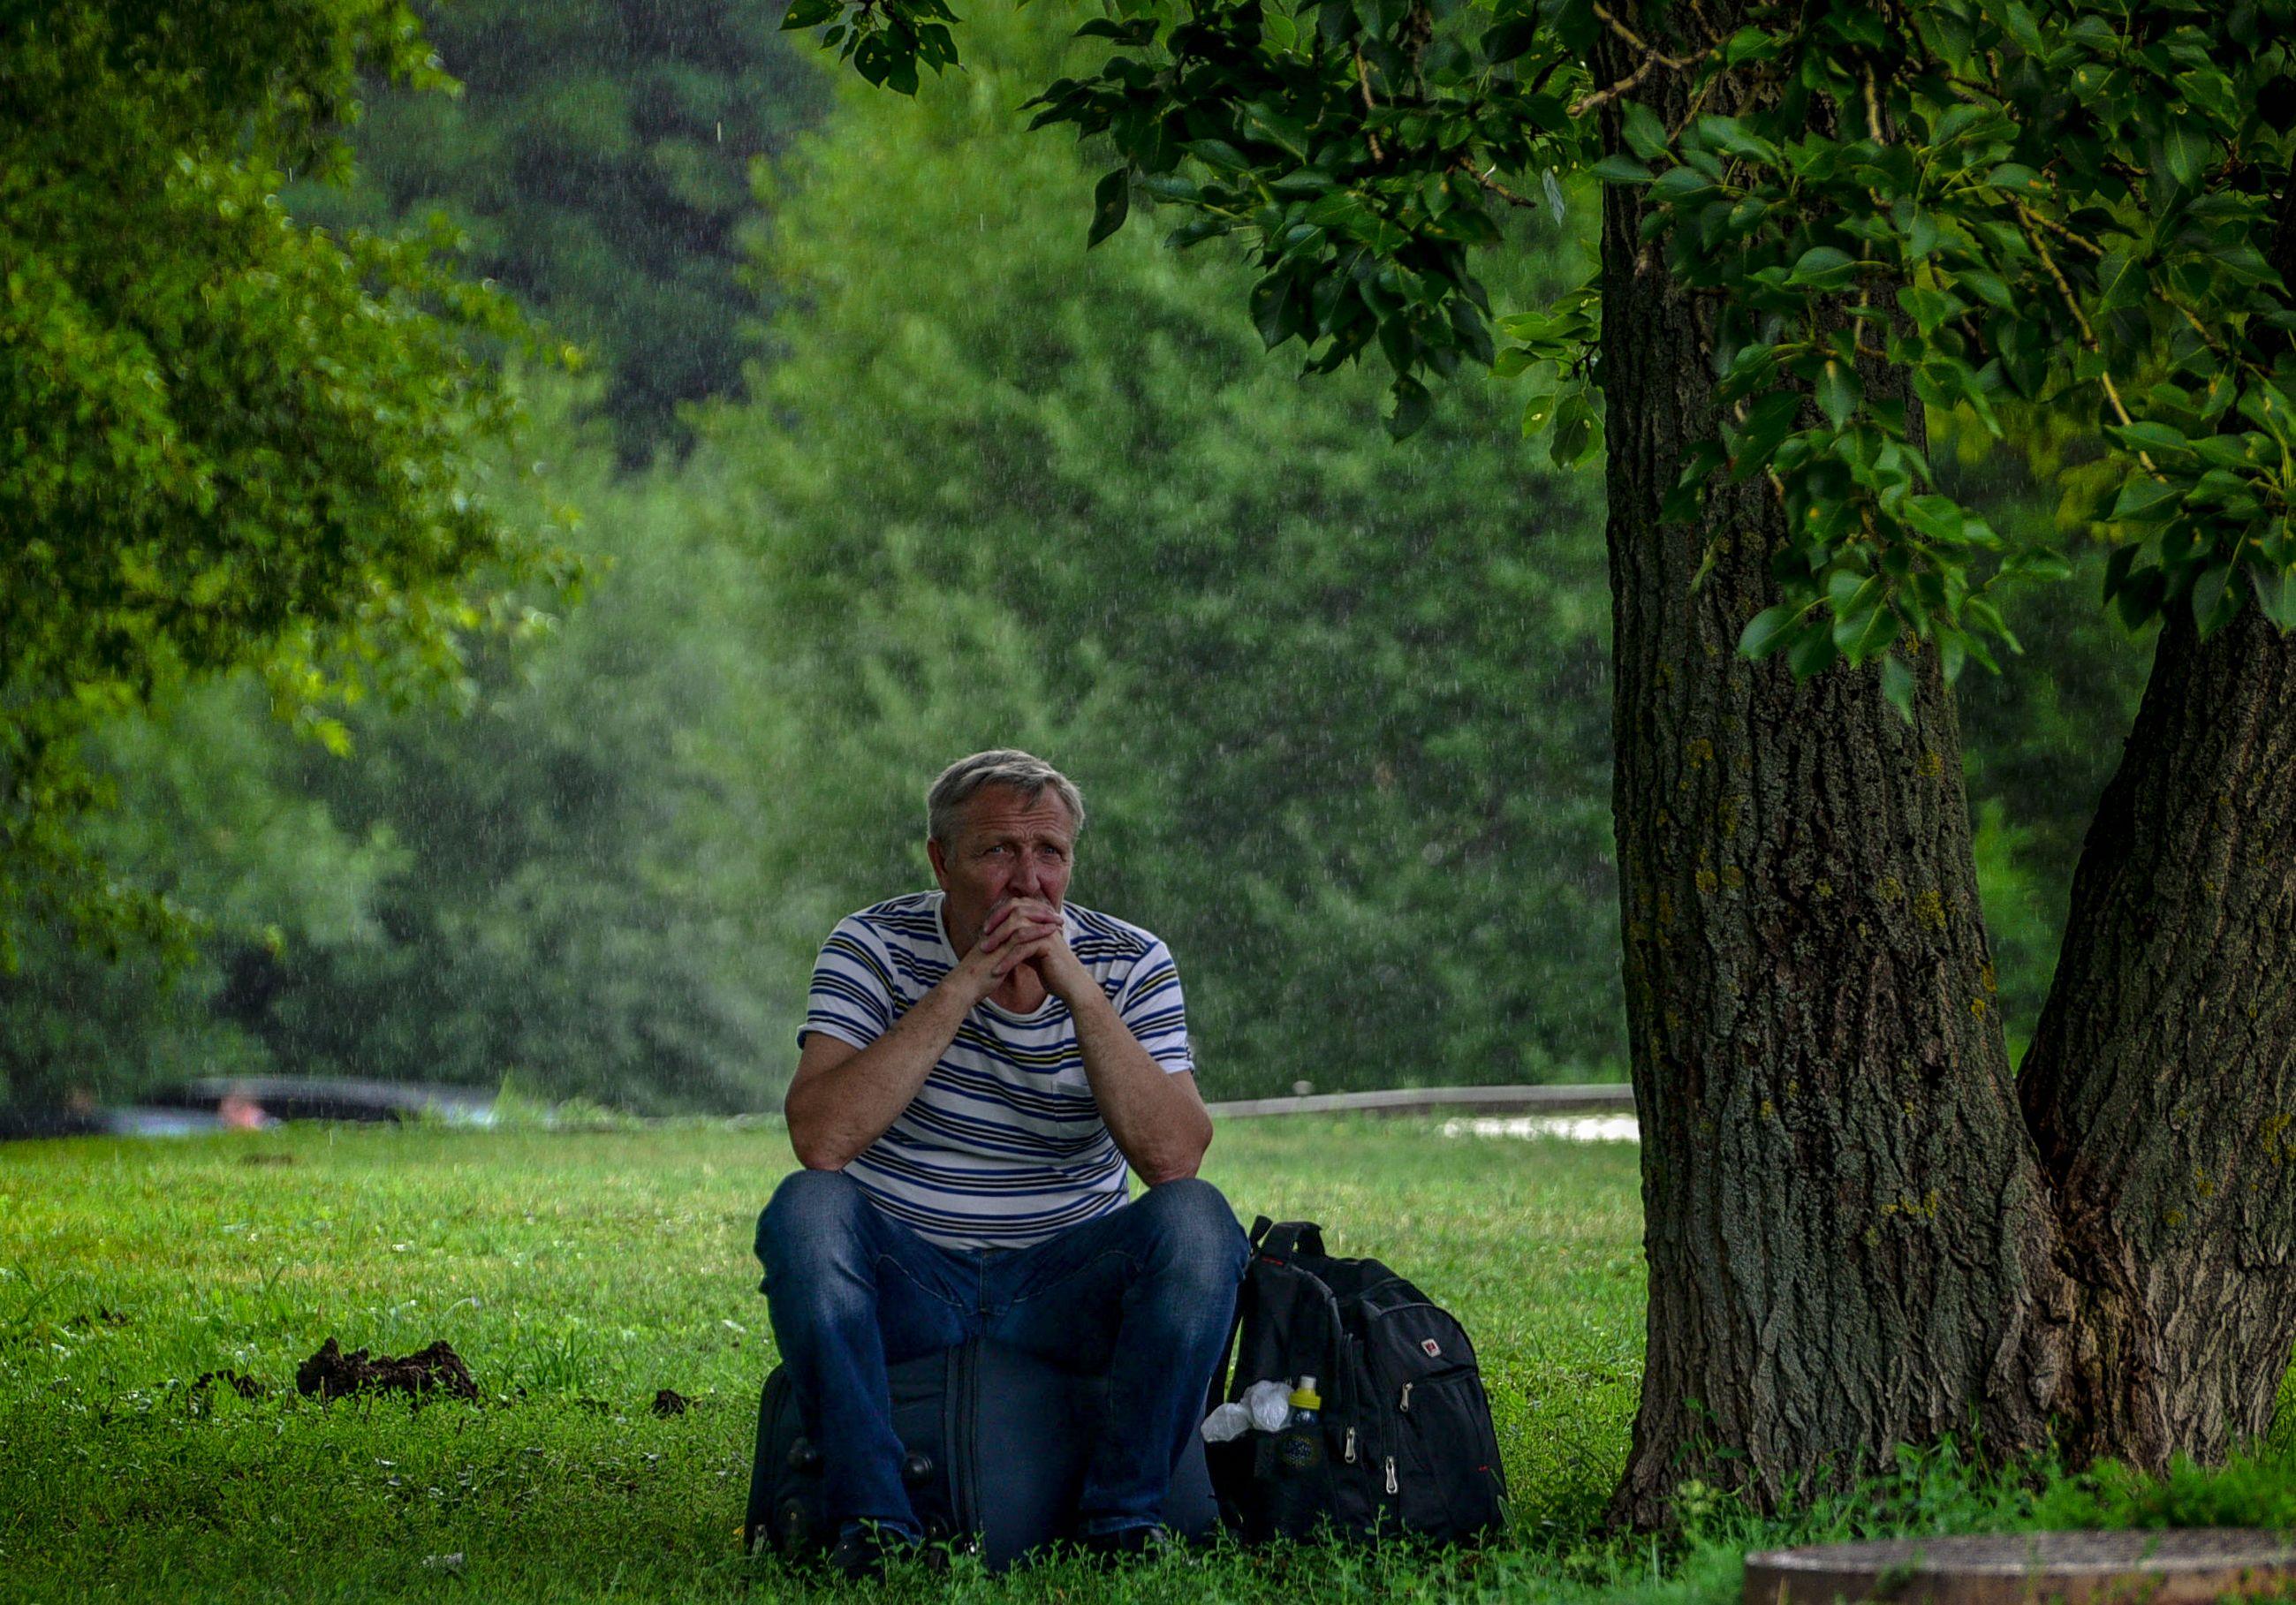 Москвичей предупредили о жаре и дожде в среду